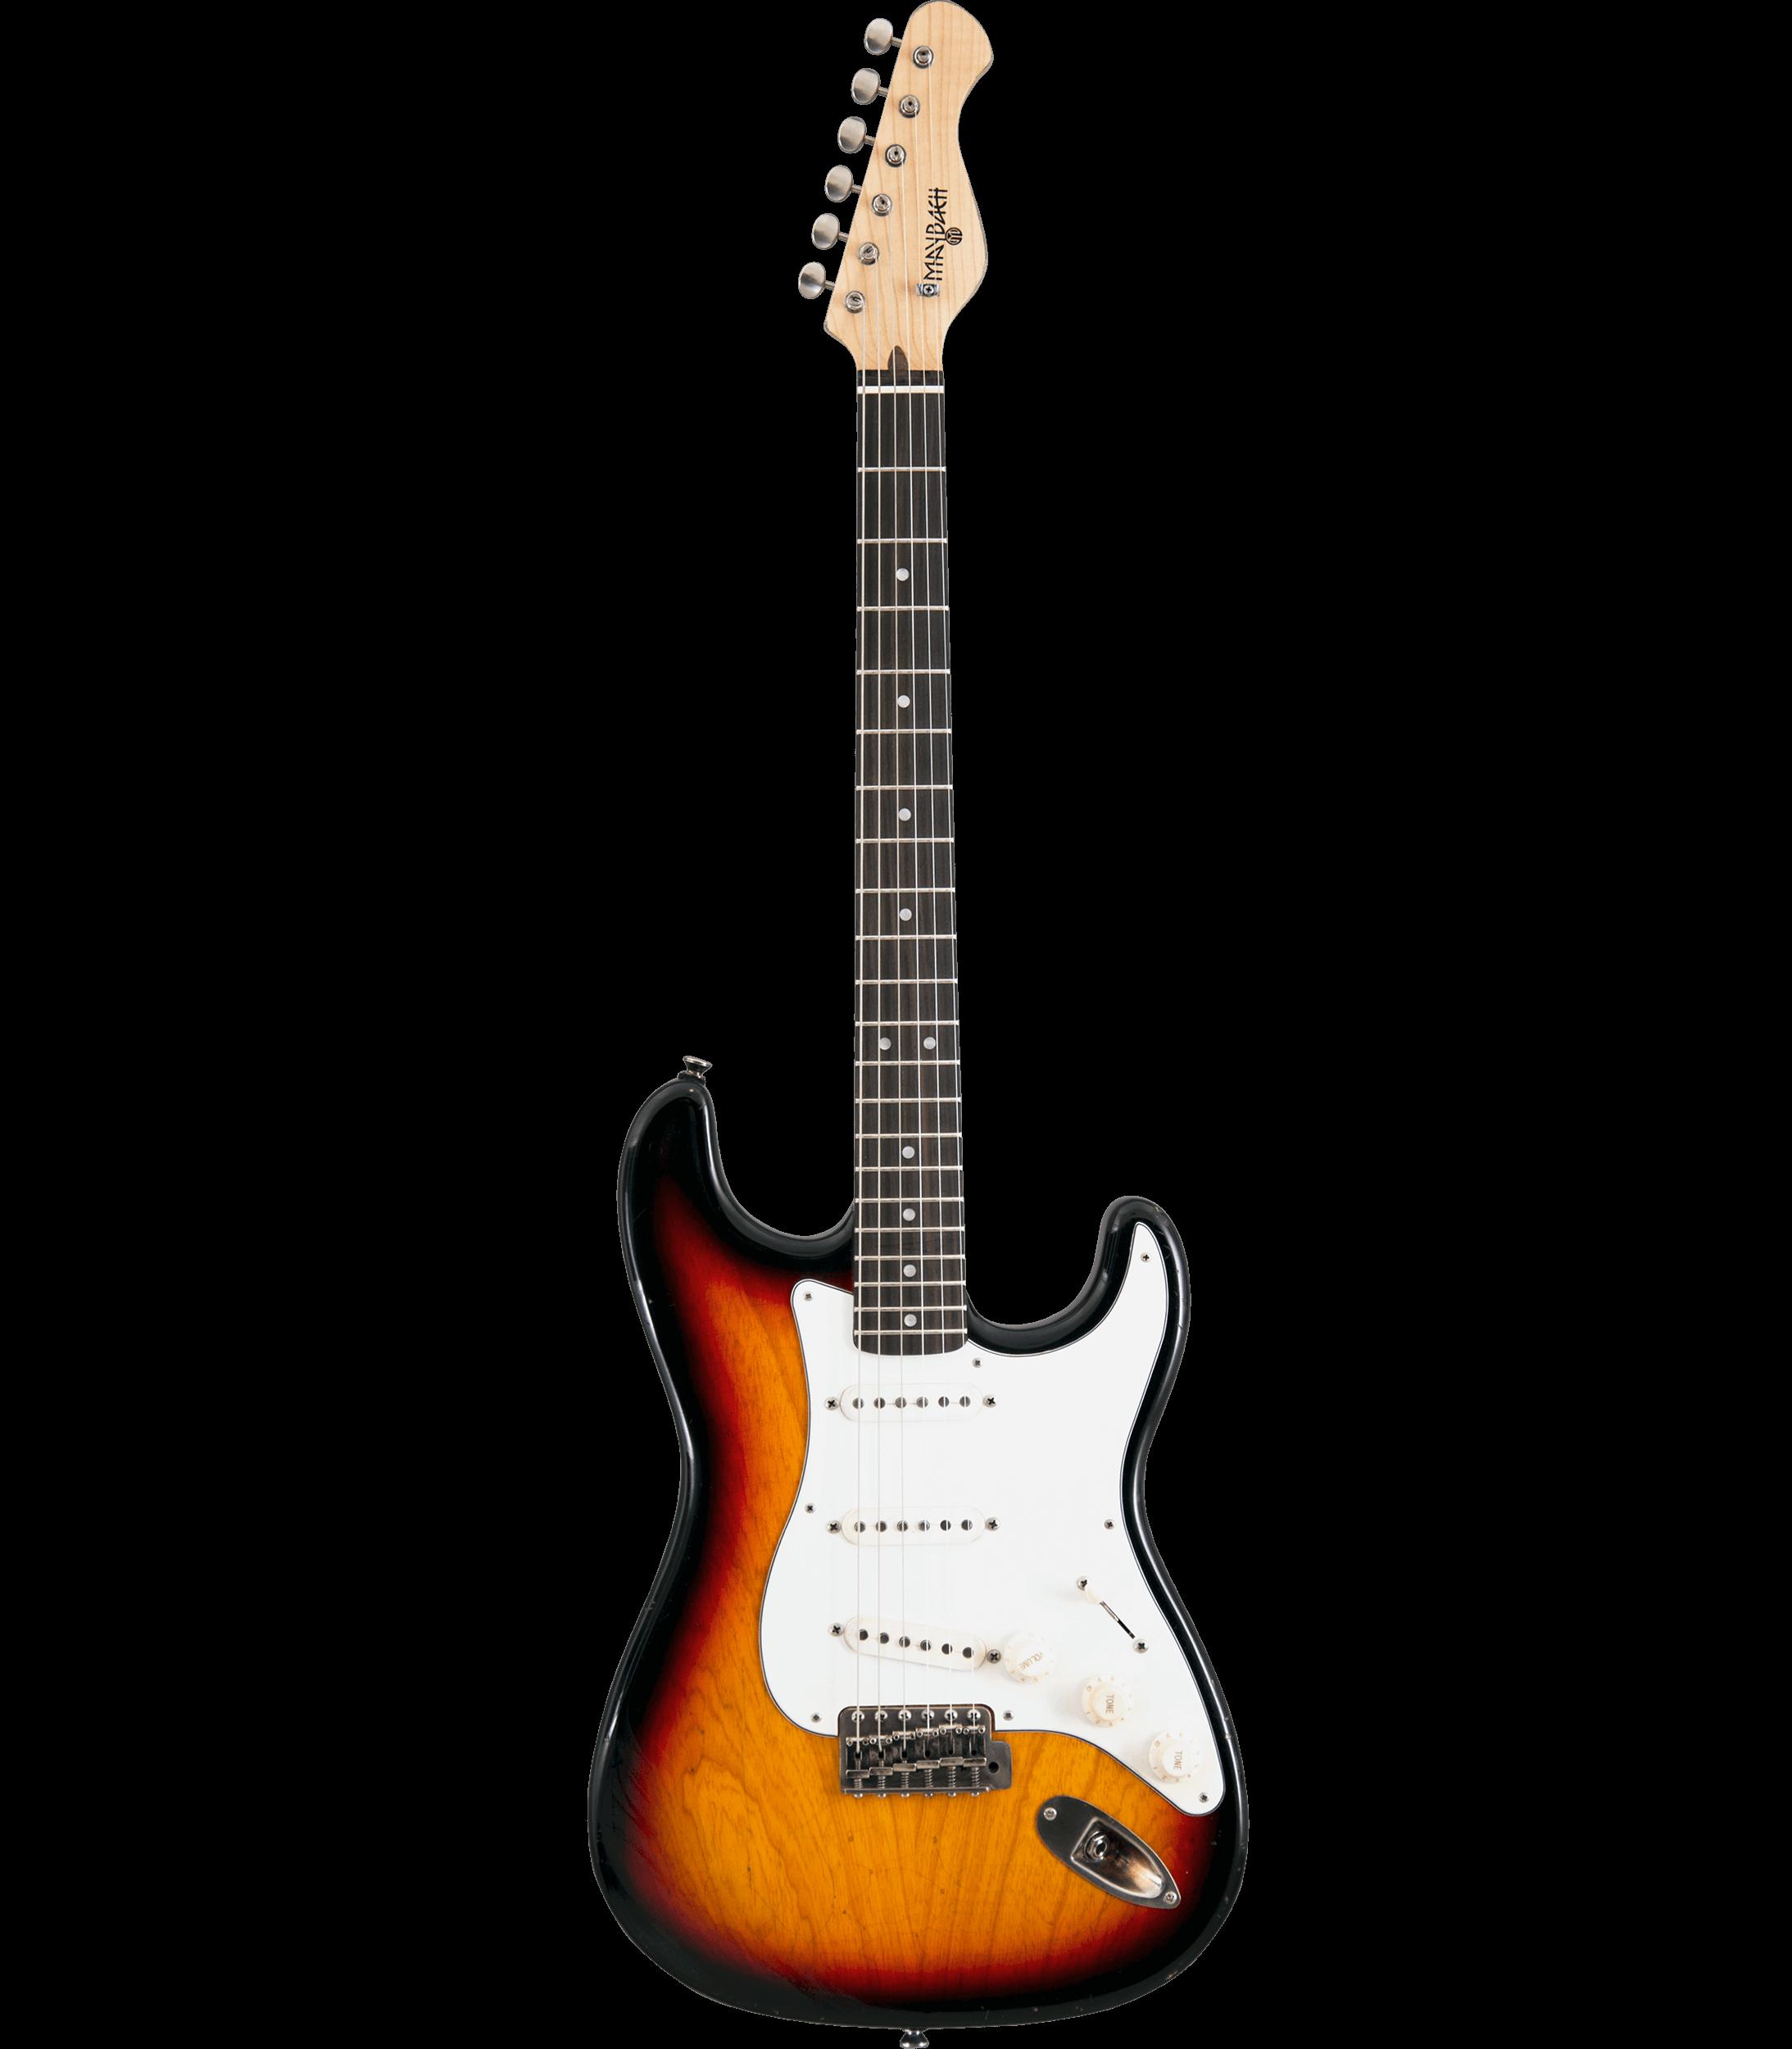 Maybach Stradovari S61 3-Tone Sunburst VZ Aged